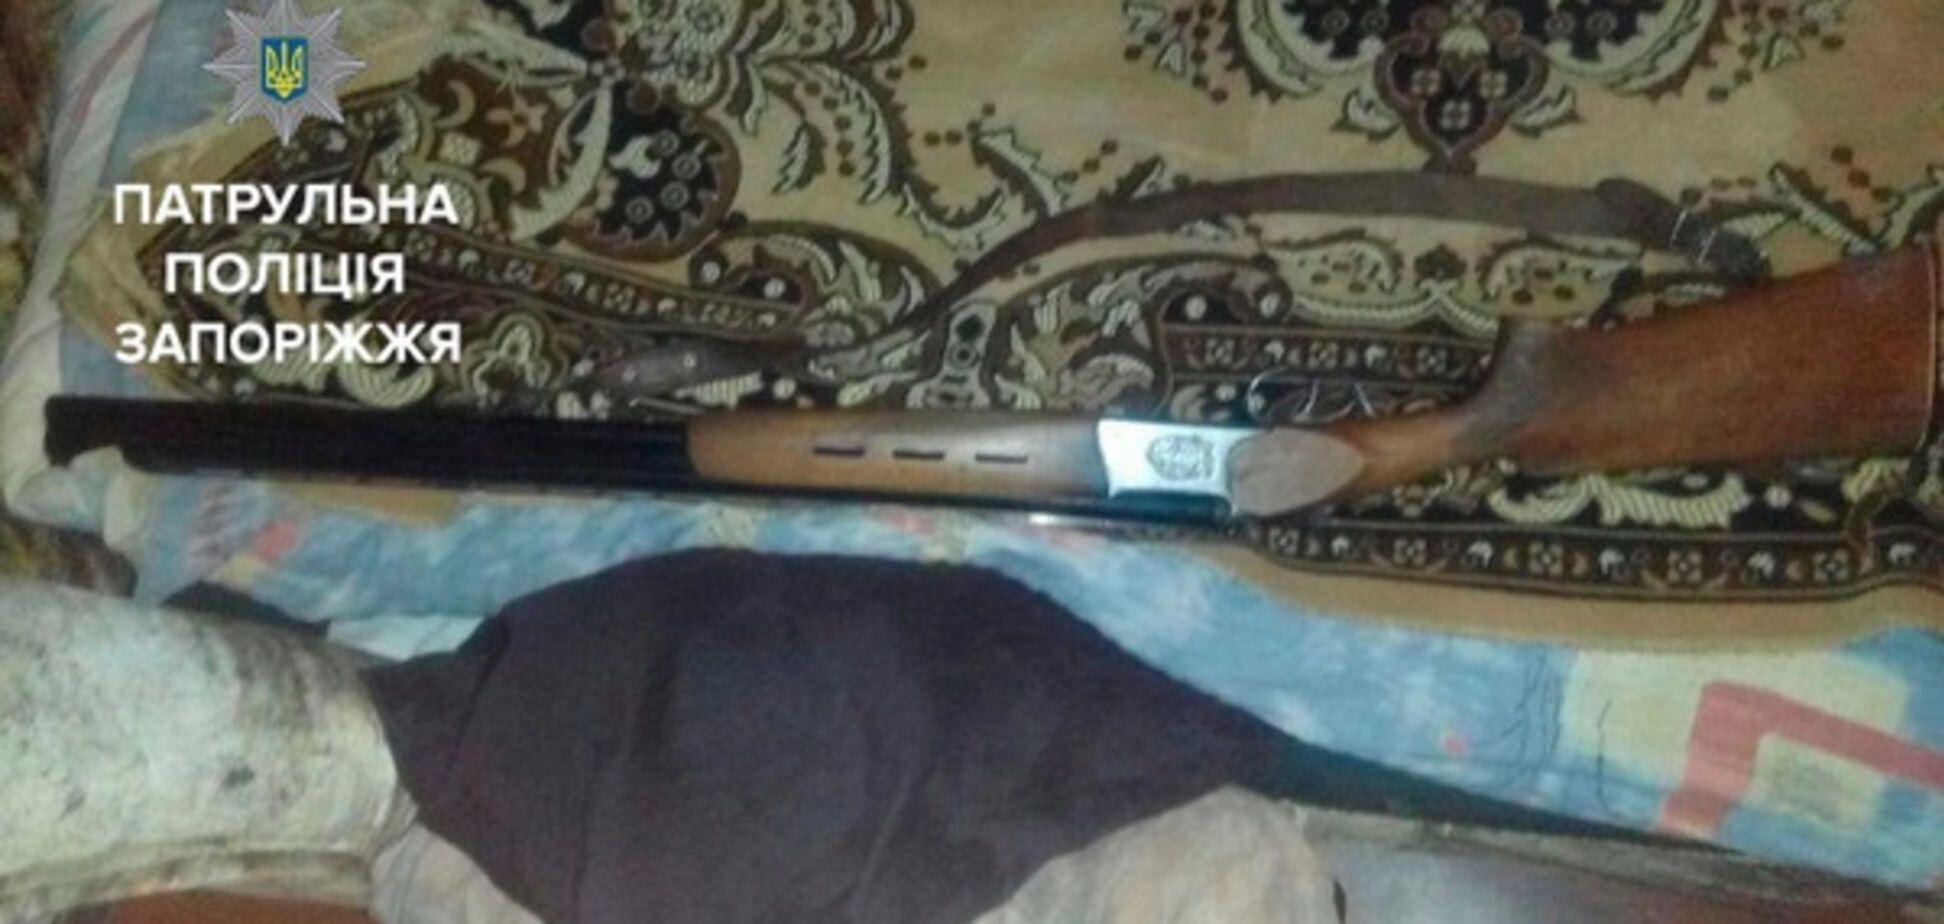 В Запорожье тесть застрелил зятя из ружья